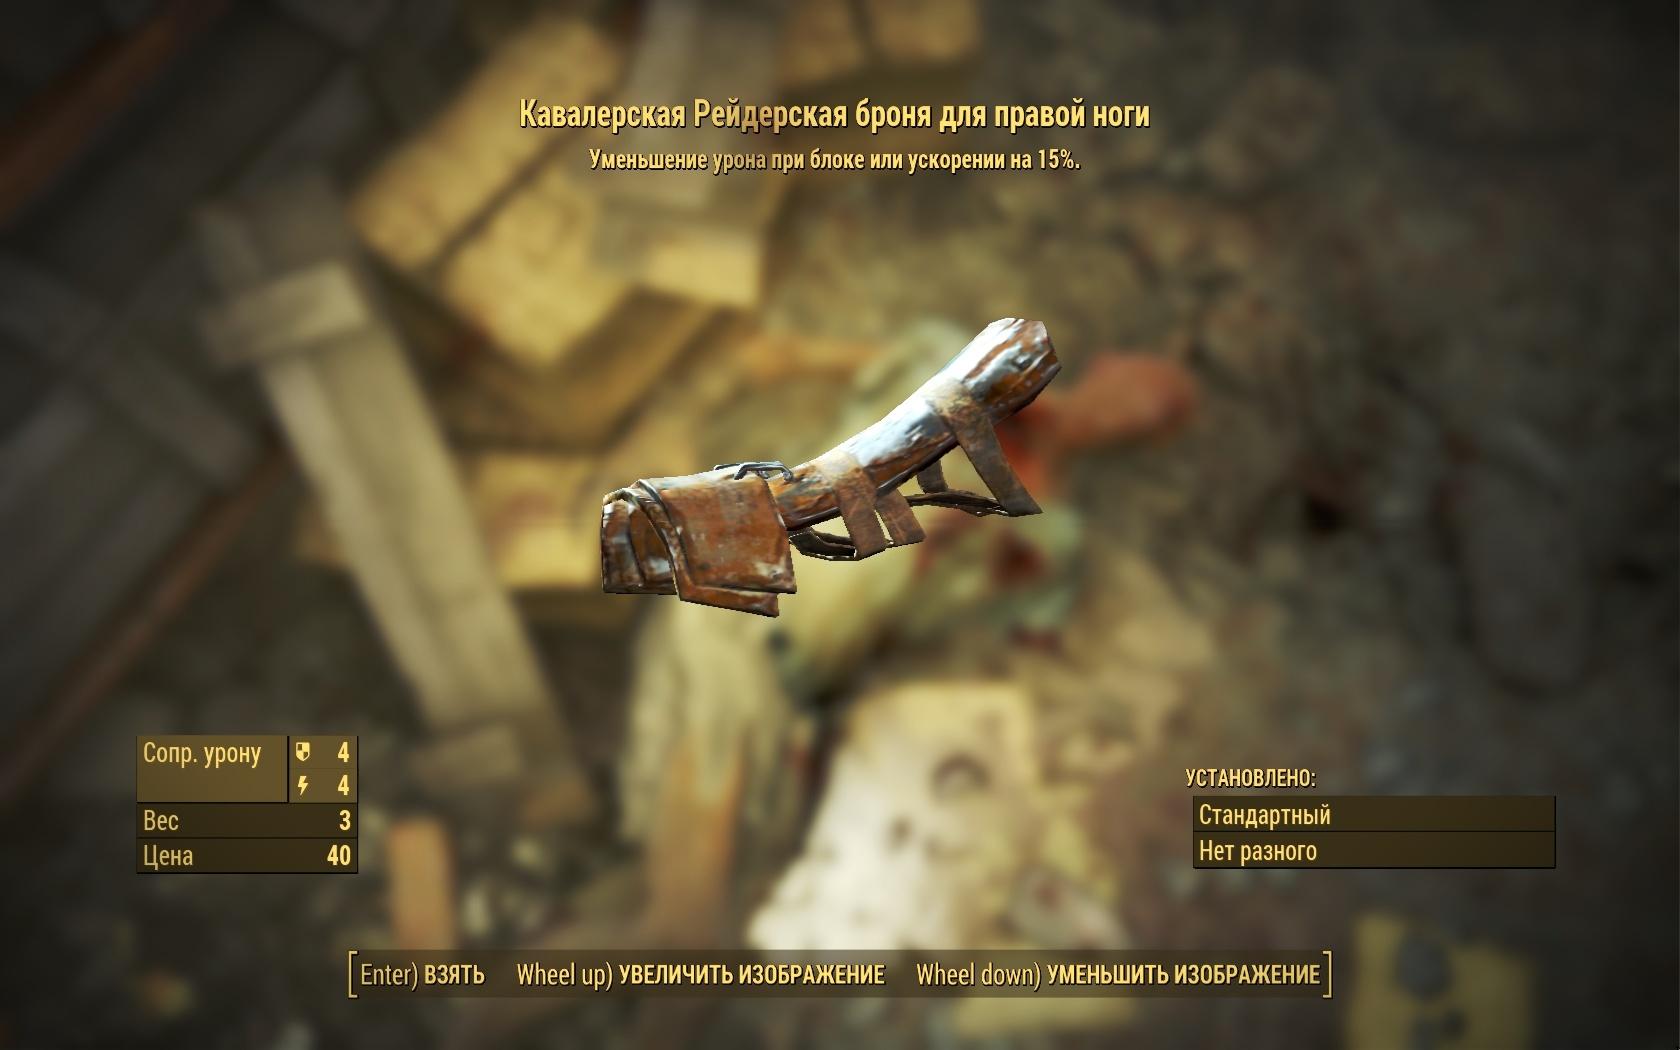 Кавалерская рейдерская броня для правой ноги - Fallout 4 броня, Кавалерская, Одежда, рейдерская